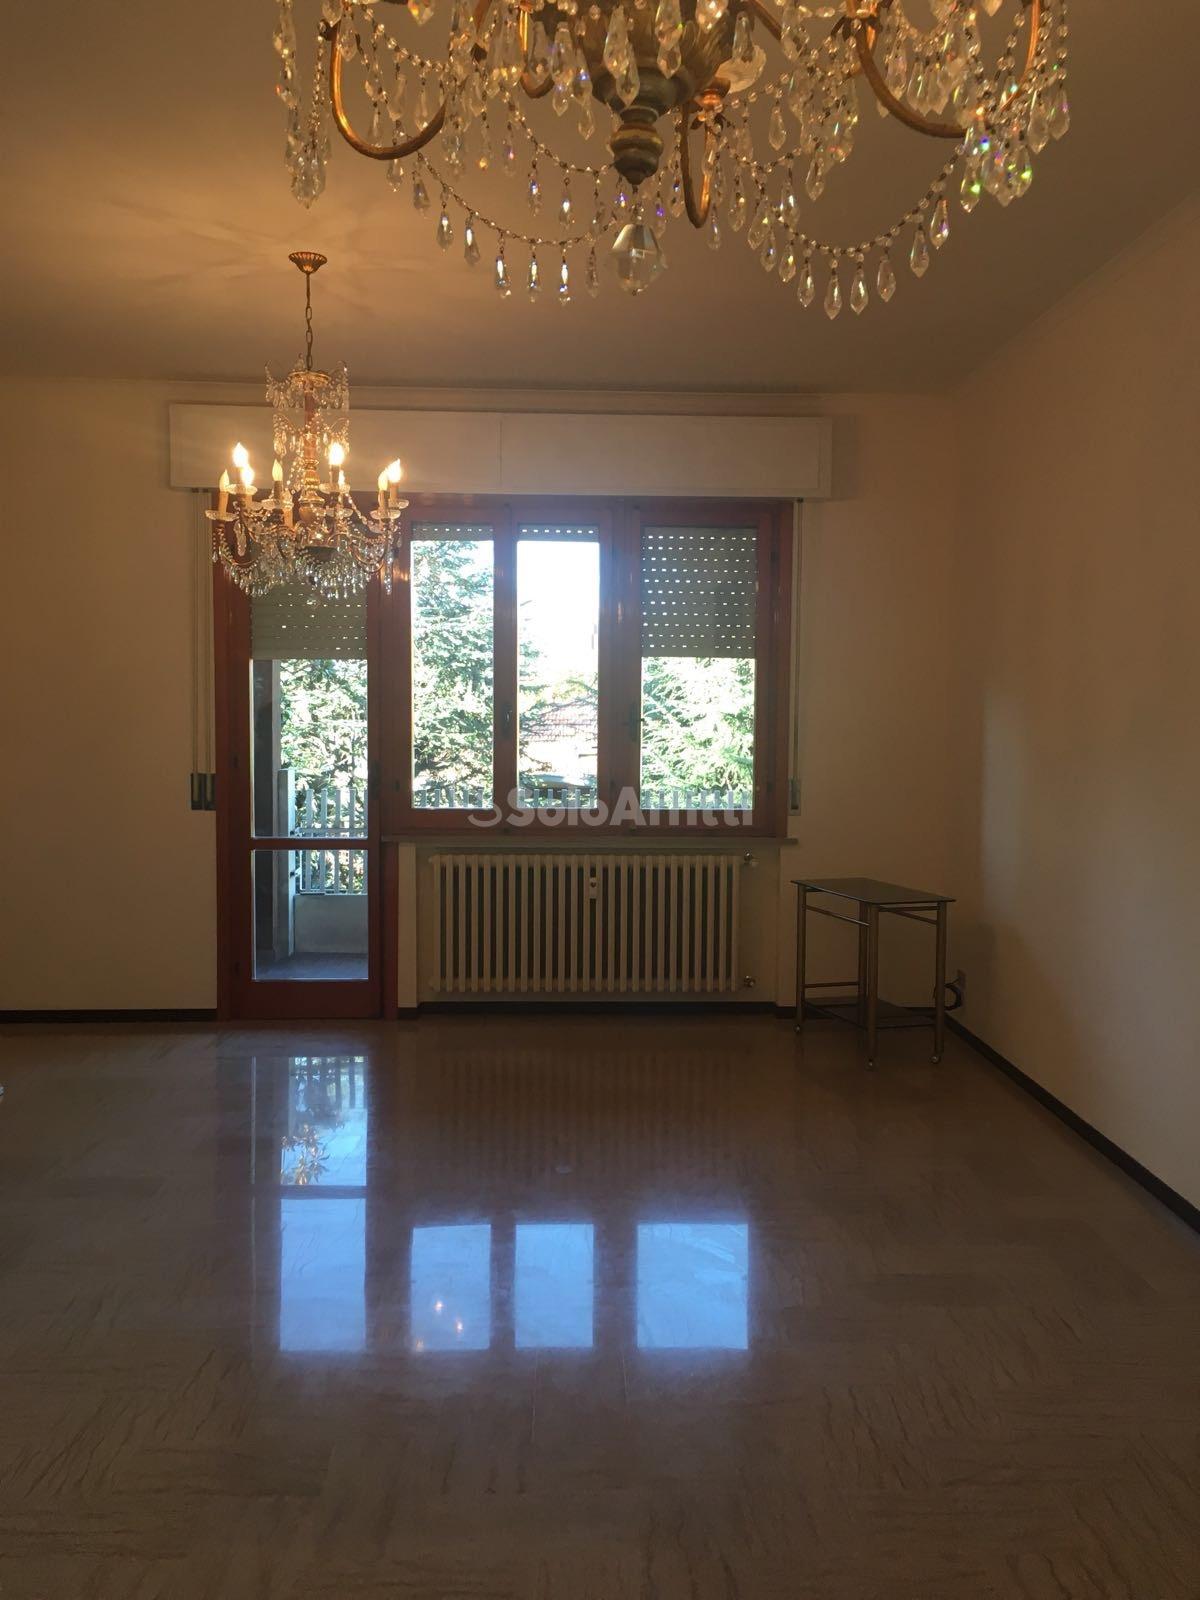 Appartamento Trilocale 6 vani 100 mq.